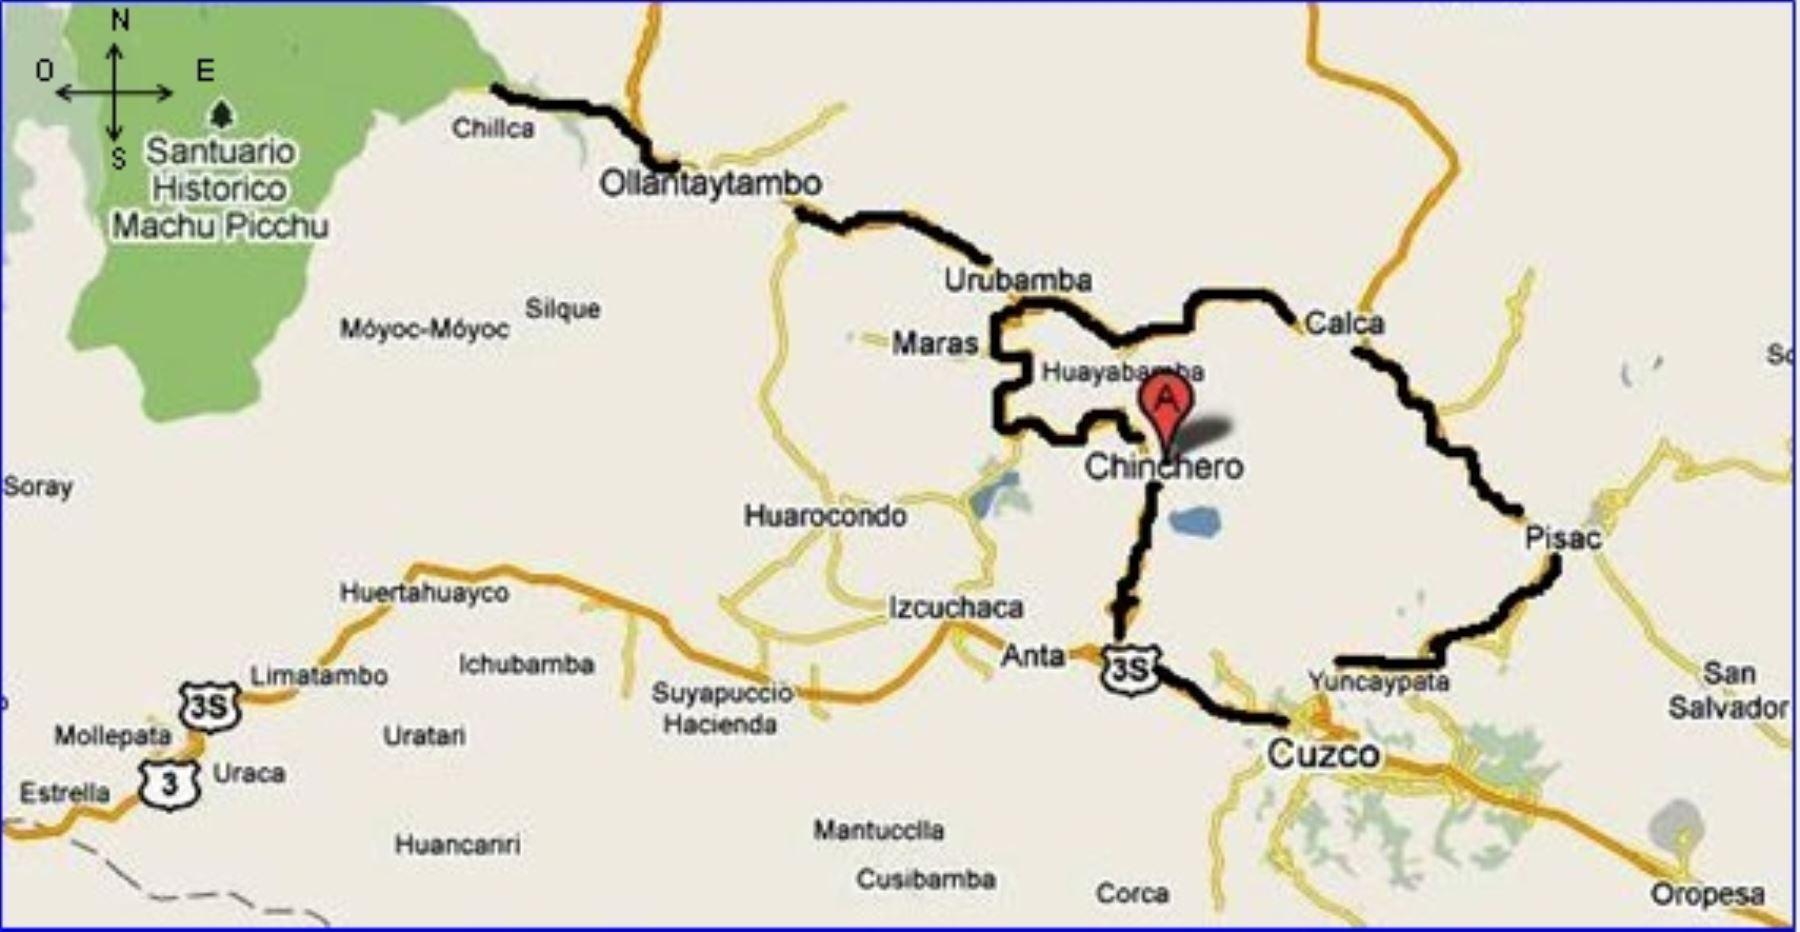 El Congreso de la República publicó hoy en el Diario Oficial El Peruano la Ley N° 30455 de Creación del distrito de Los Chankas, con su capital Río Blanco, en la provincia de Chincheros del departamento de Apurímac.